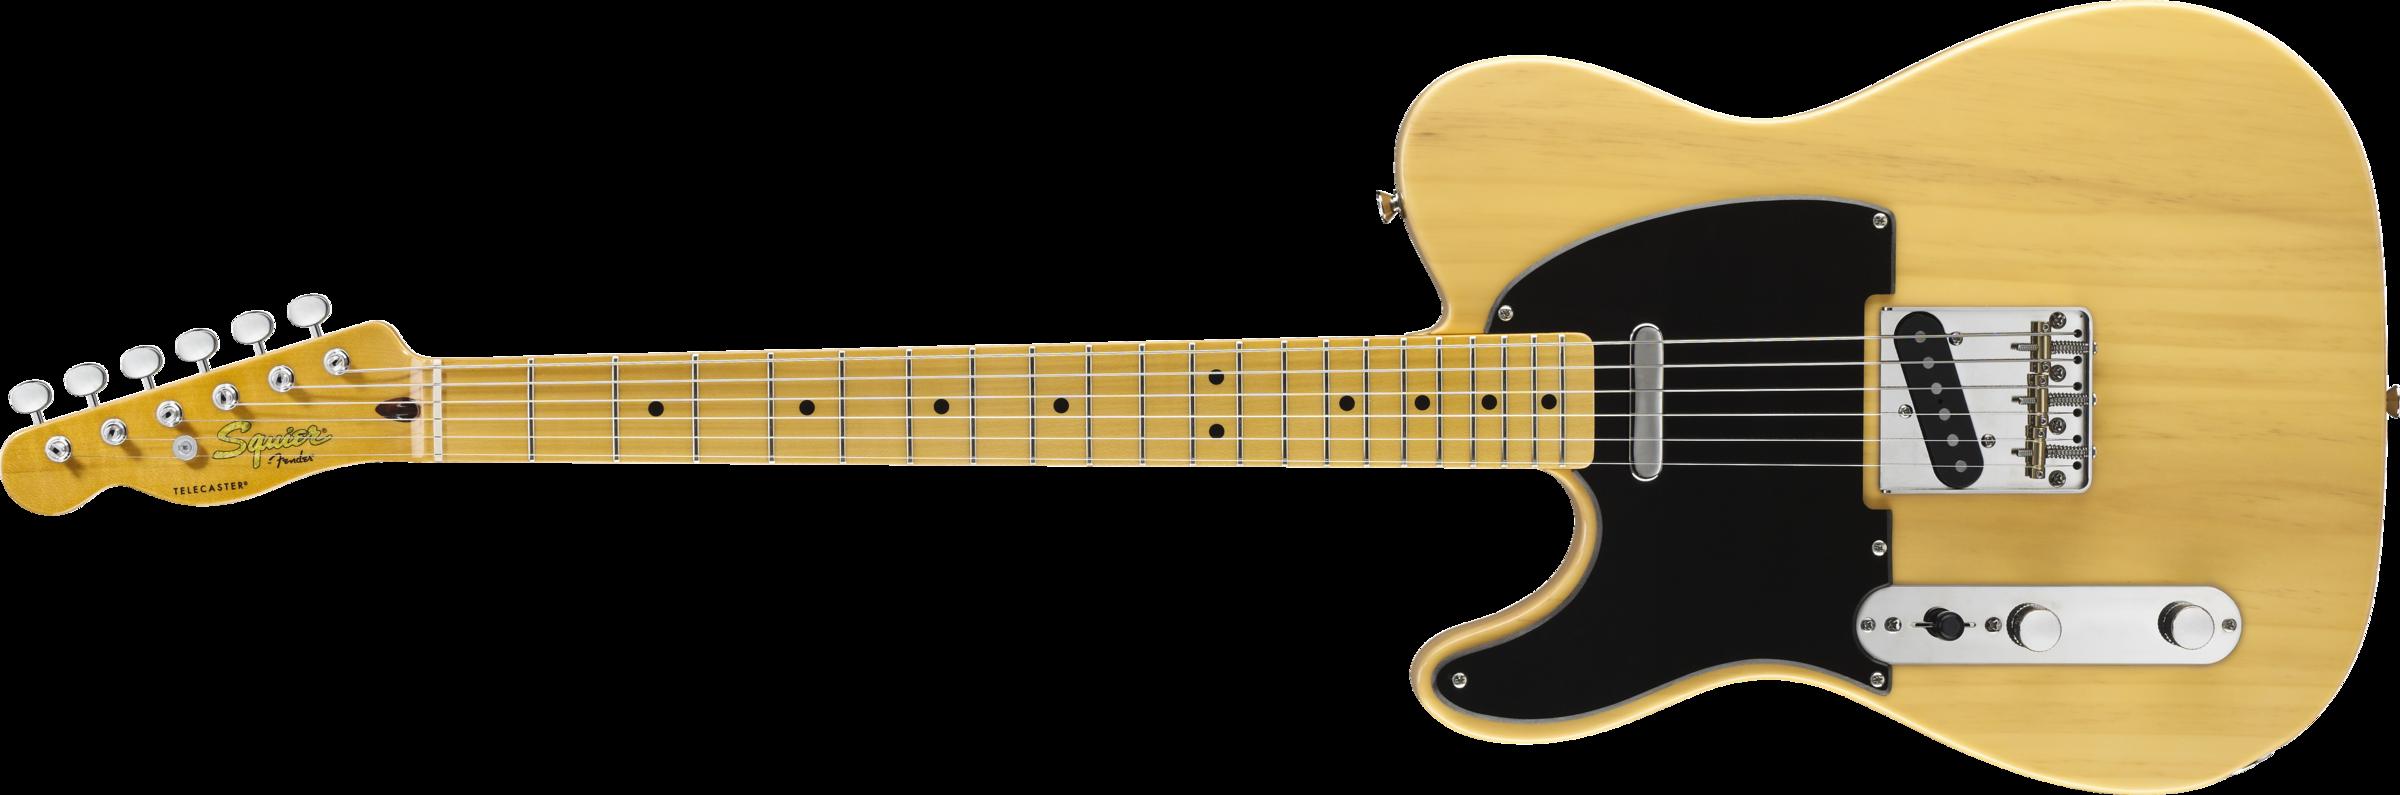 guitare gaucher telecaster